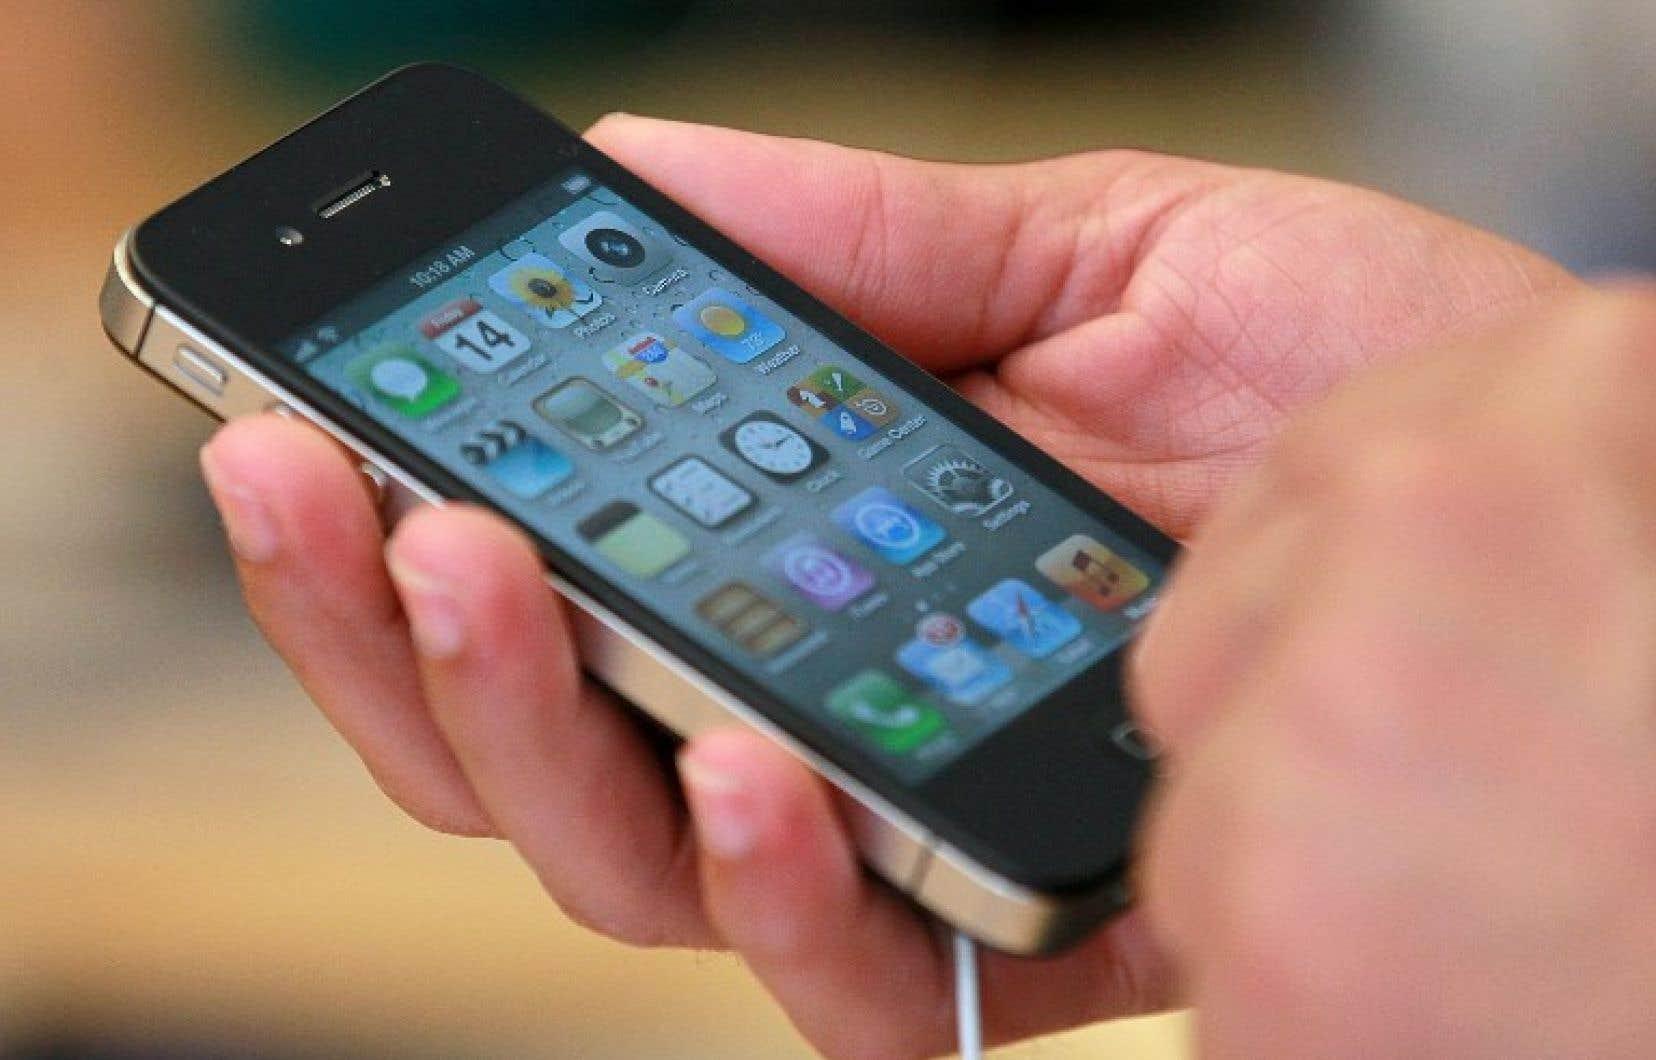 Trois brevets d'Apple étaient principalement concernés, portant notamment sur la face rectangulaire avec des bords arrondis du iPhone et sur les icônes colorées rangées sur un écran noir.